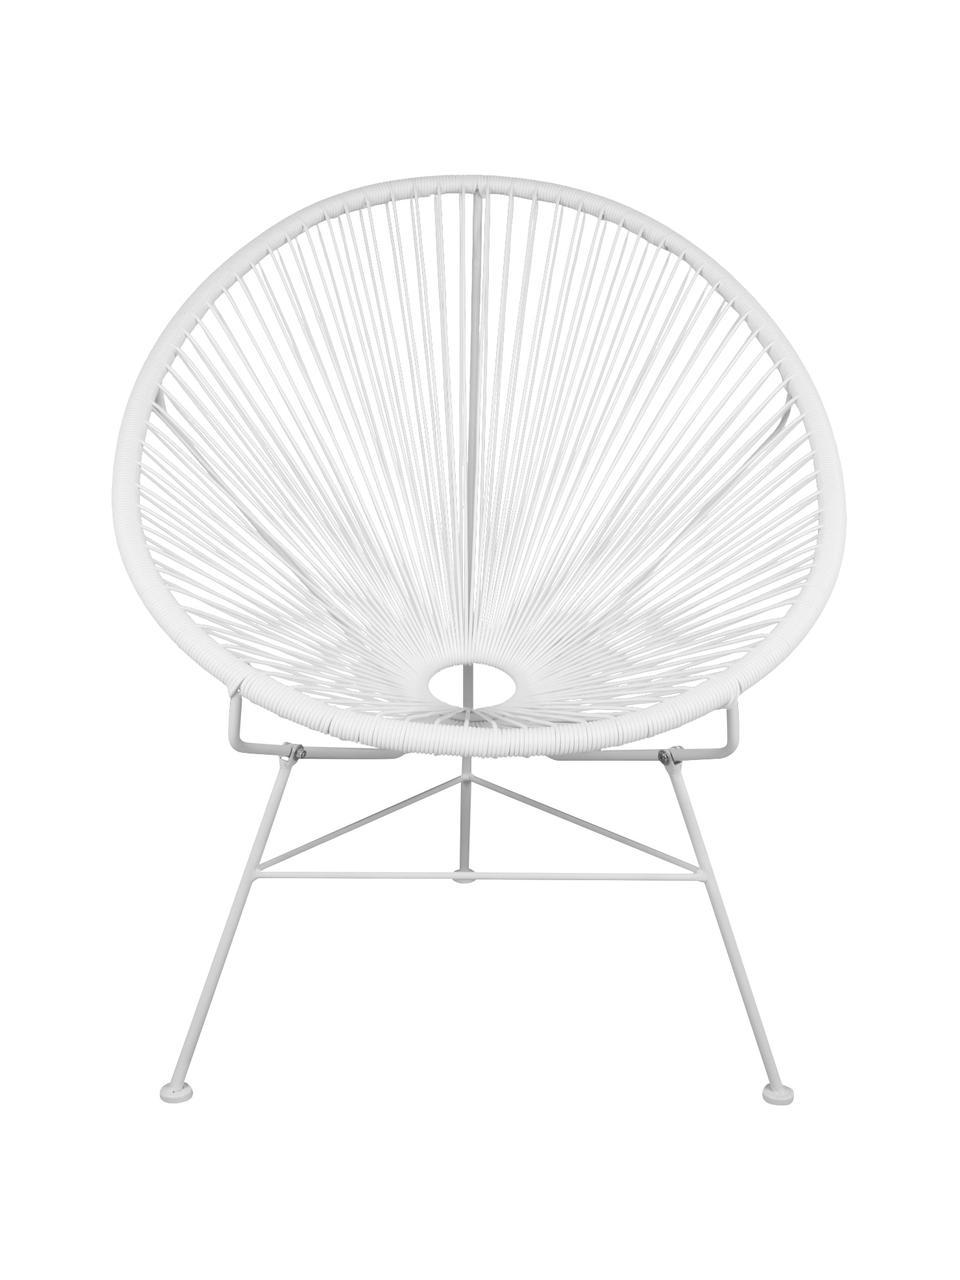 Sedia a poltrona intrecciata Bahia, Seduta: materiale sintetico, Struttura: metallo, verniciato a pol, Bianco, Larg. 81 x Prof. 73 cm